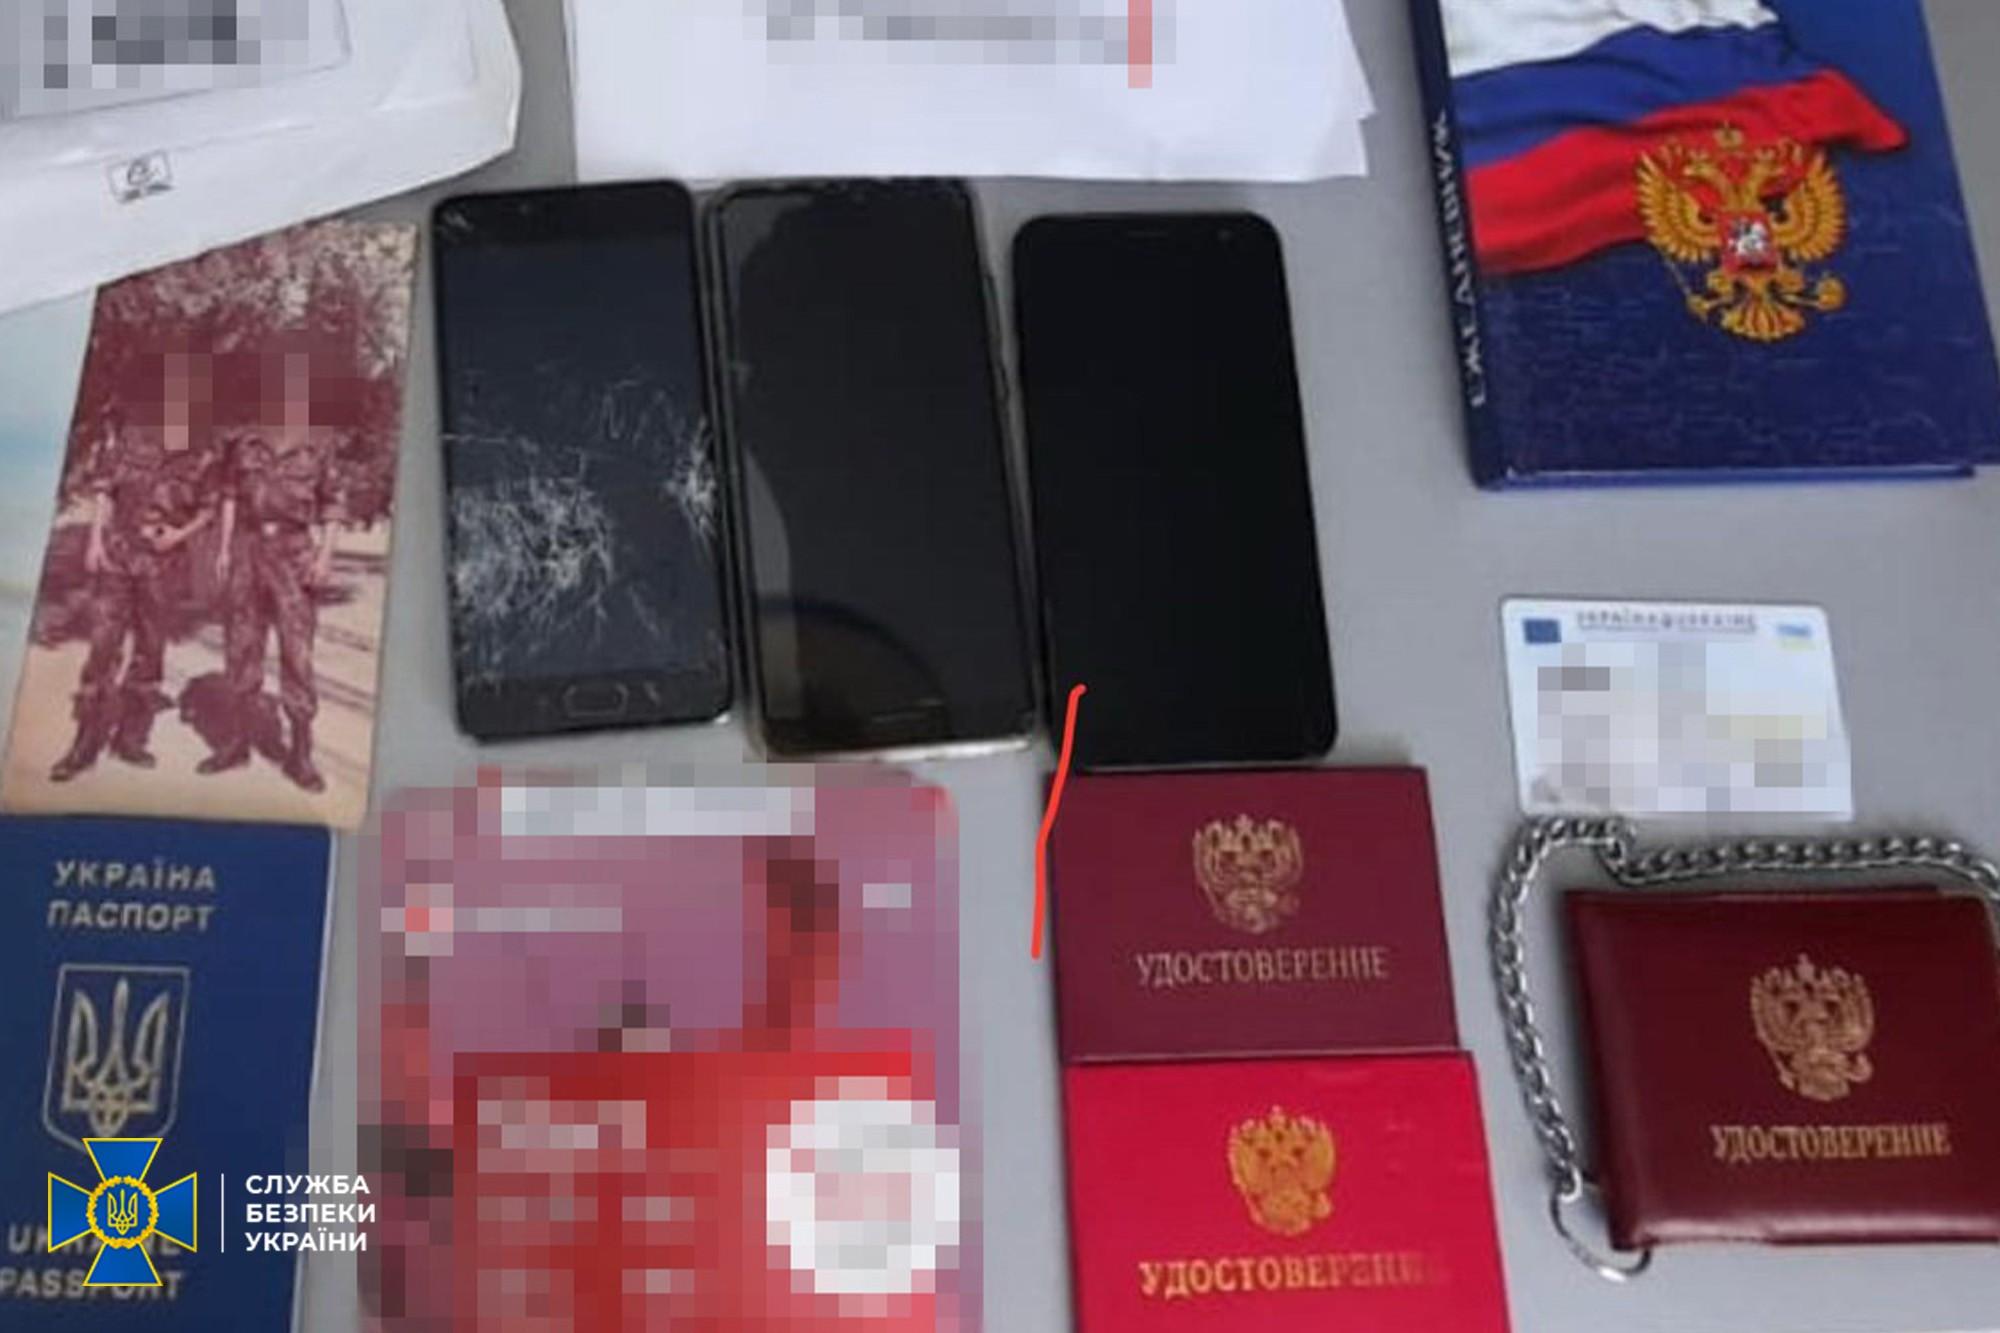 #новости   СБУ: Контрразведка задержала агента ГРУ России в Кировоградской области – фото - новости Украины, Происшествия